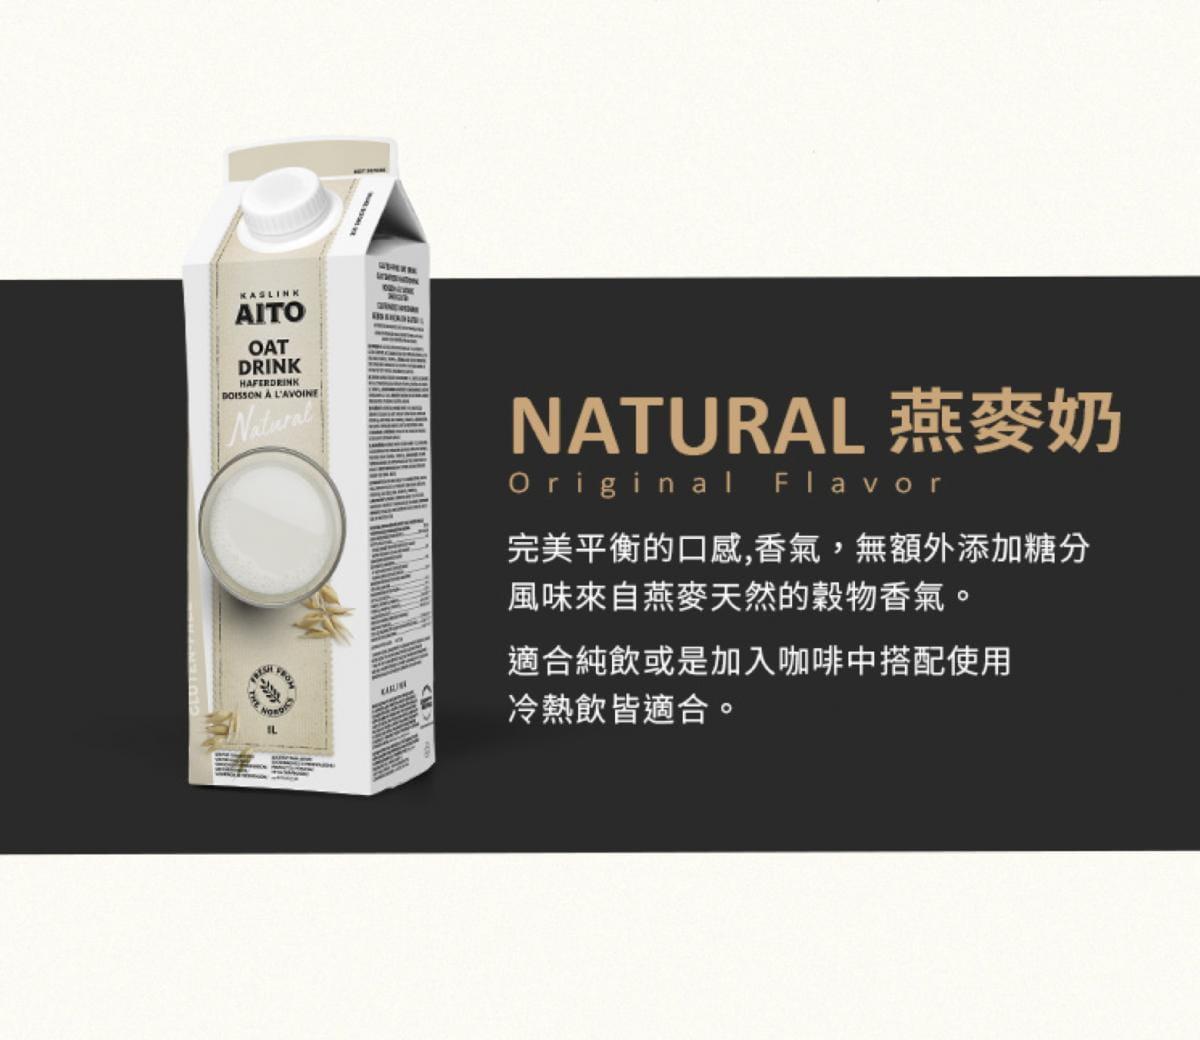 【芬蘭 AITO】天然原味燕麥奶 /咖啡師燕麥奶 (無乳糖/全素植物奶) 4